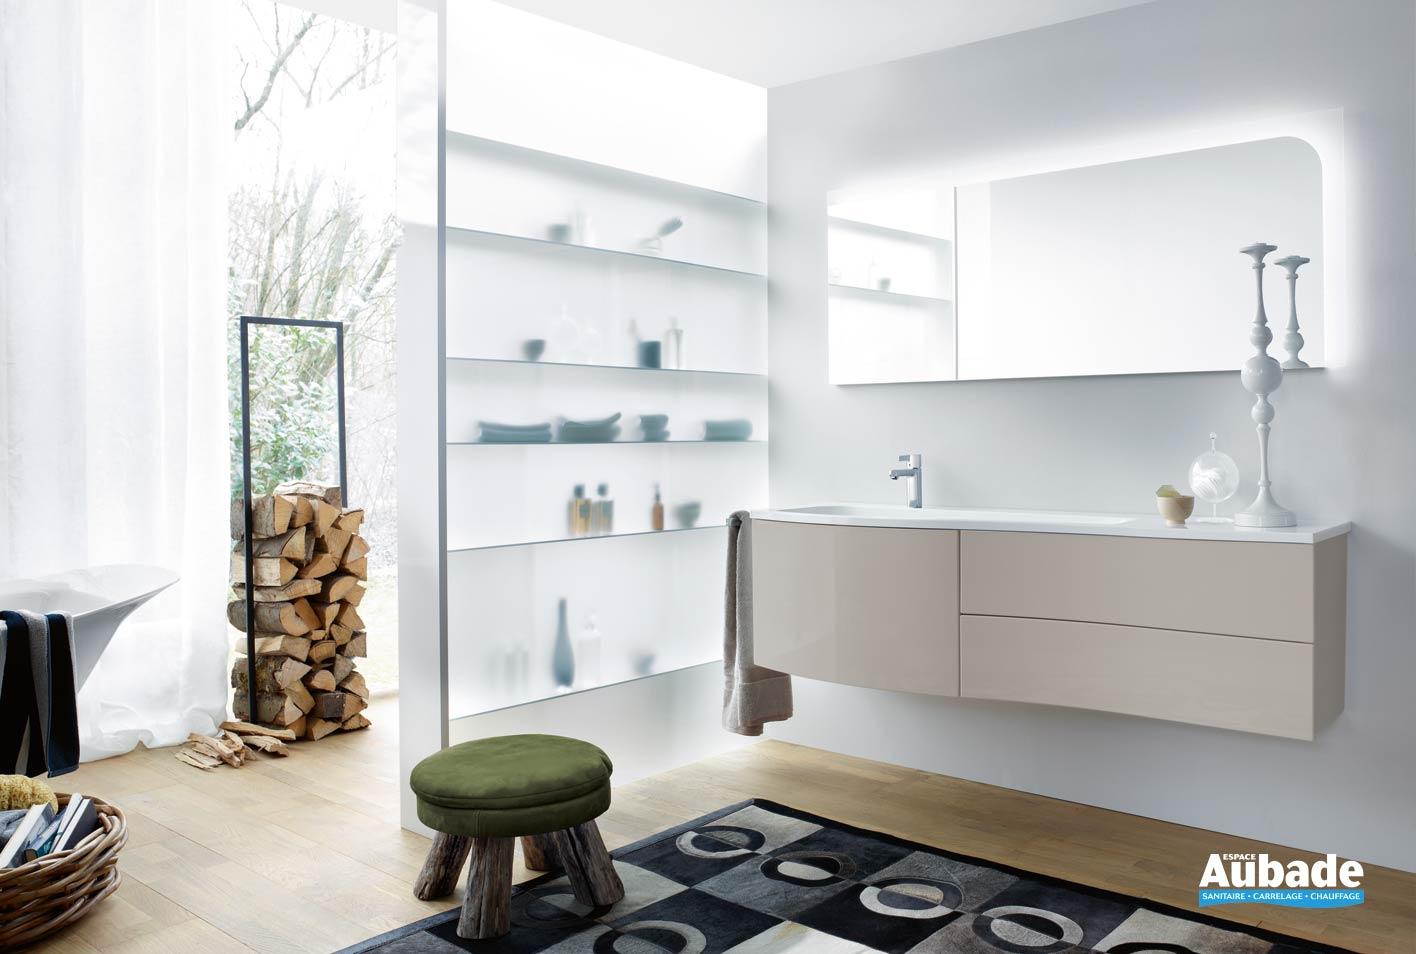 Meuble De Salle De Bain Allemand mobilier de salle de bains burgbad sinéa | espace aubade